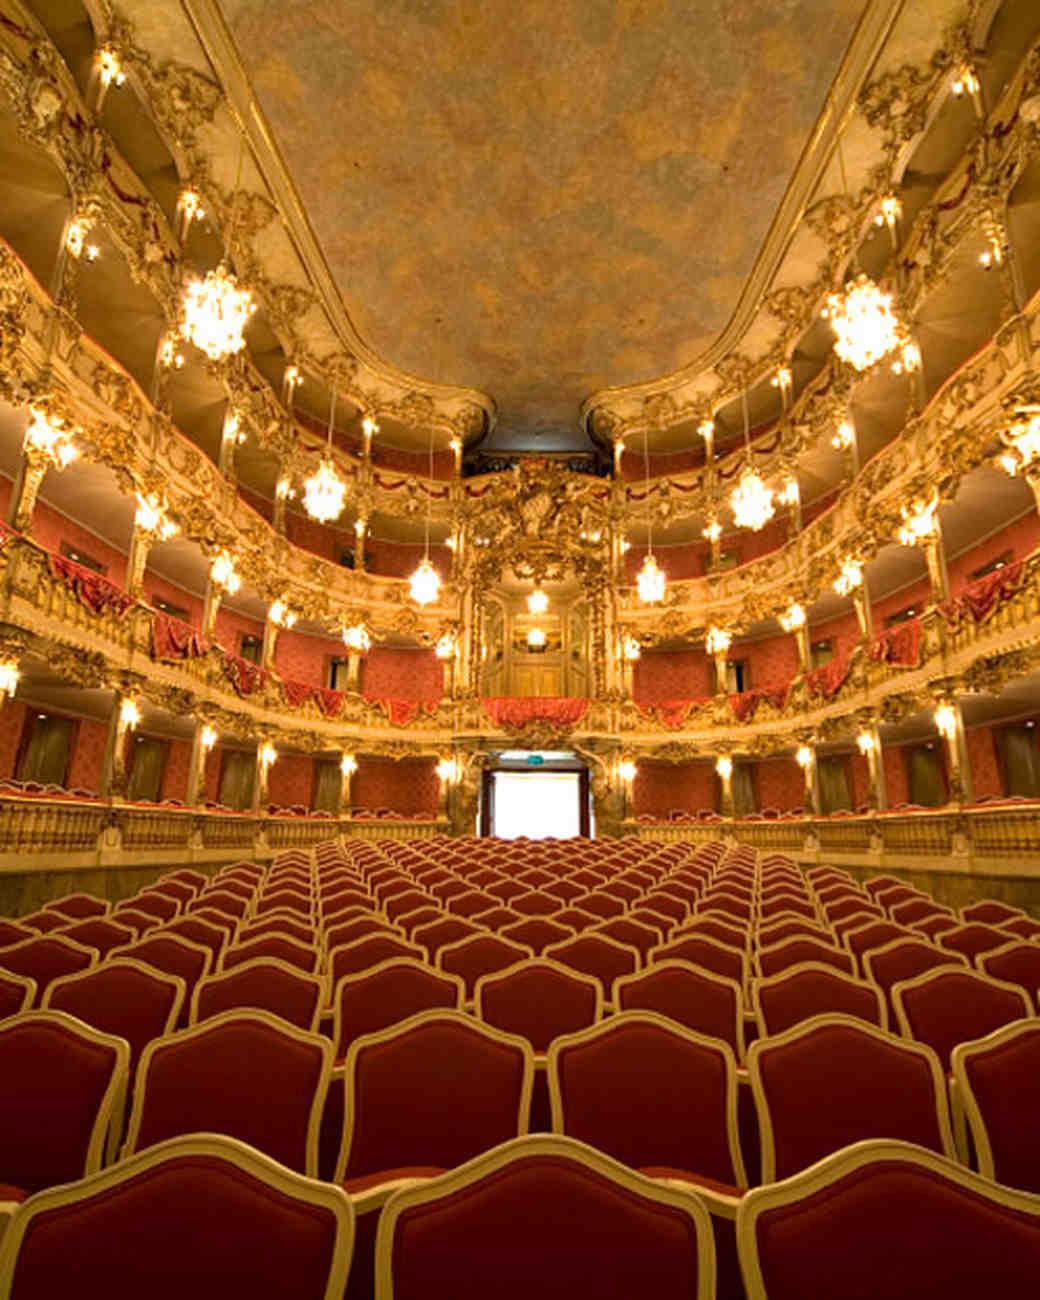 istock_7225657_theater.jpg